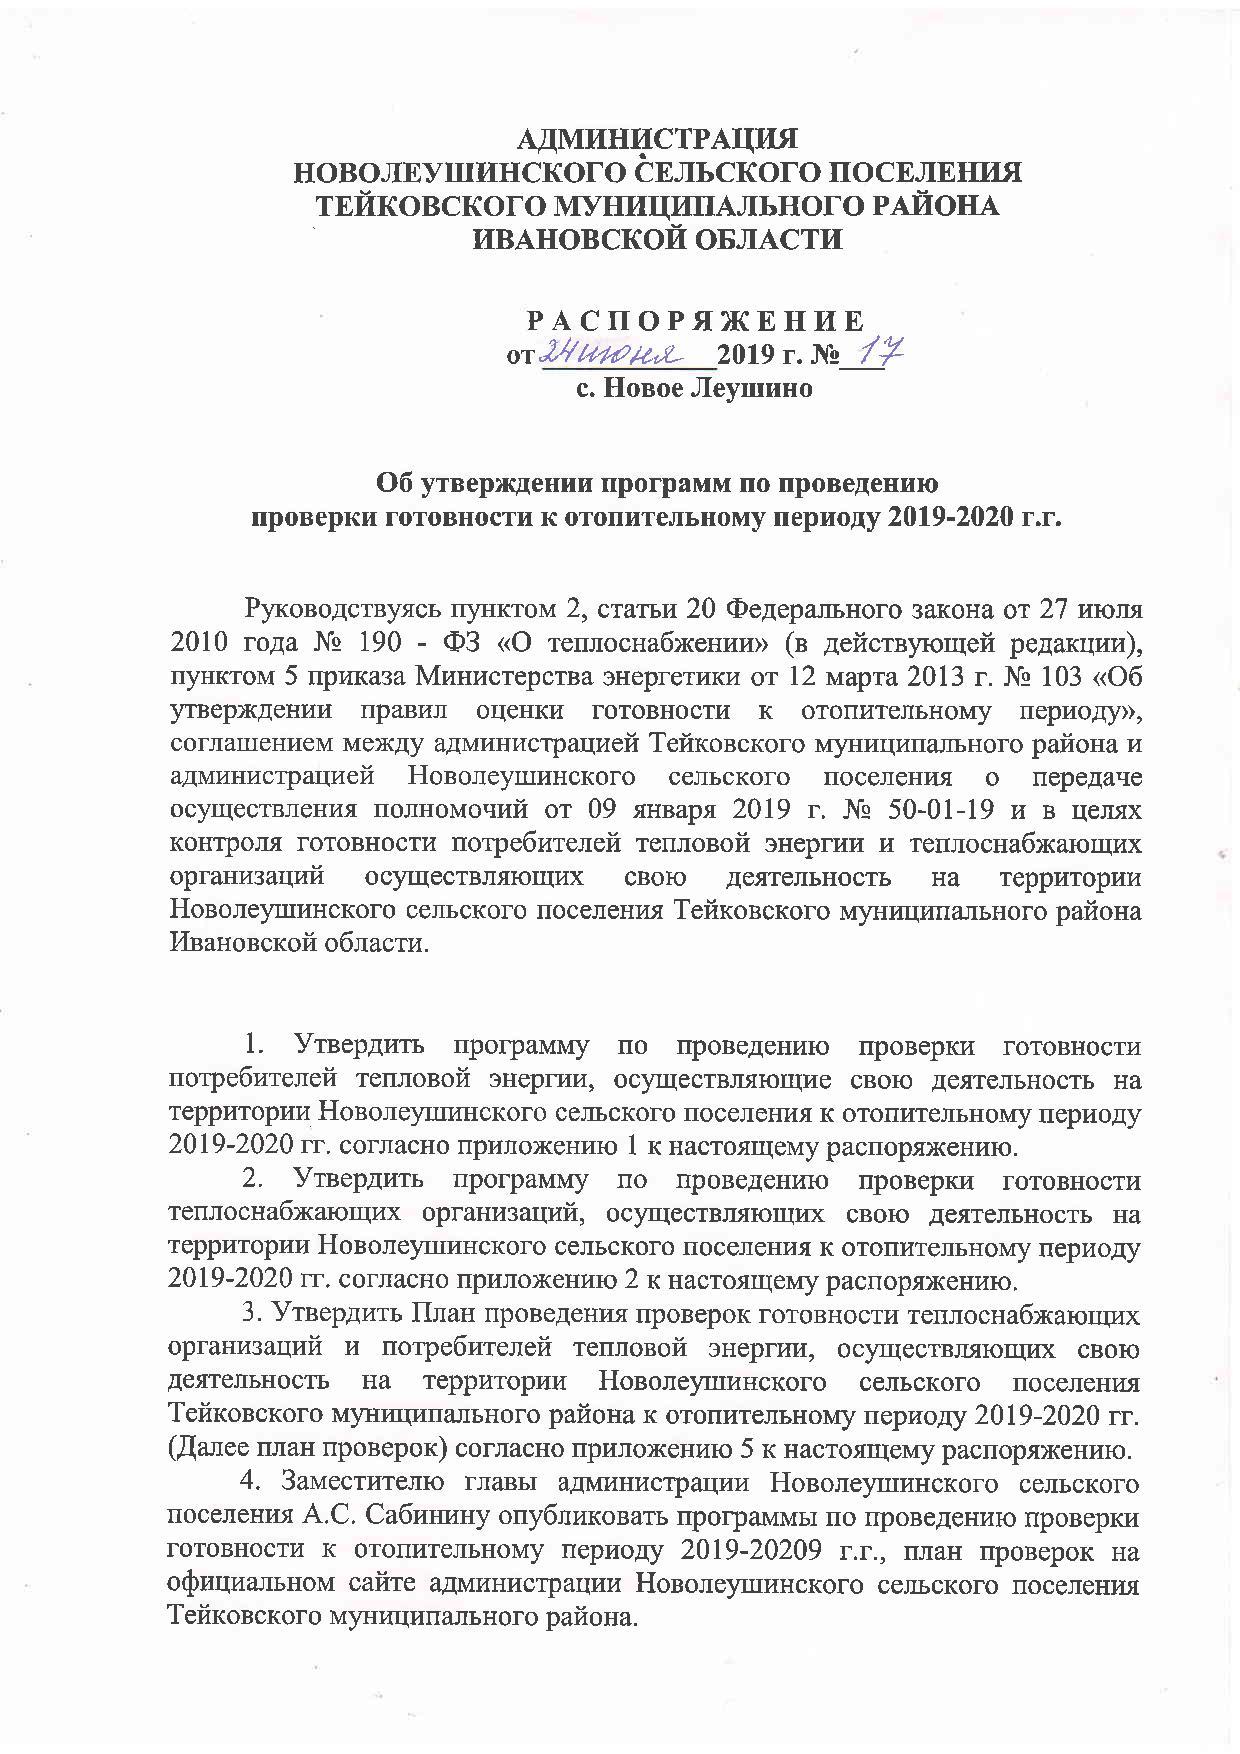 Начало отопительного сезона 2020-2021, когда включат отопление в россии